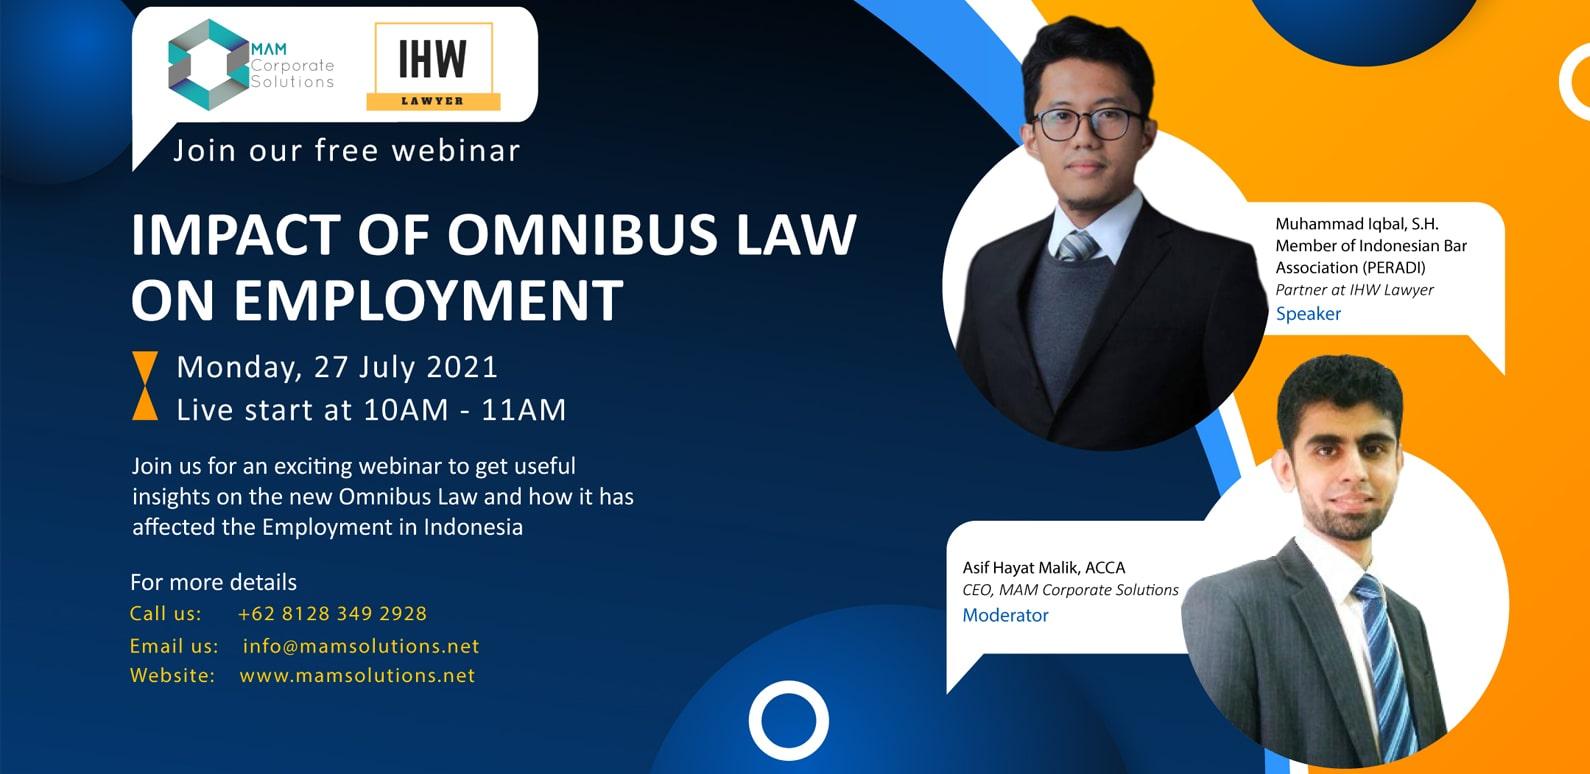 Impact of Omnibus law